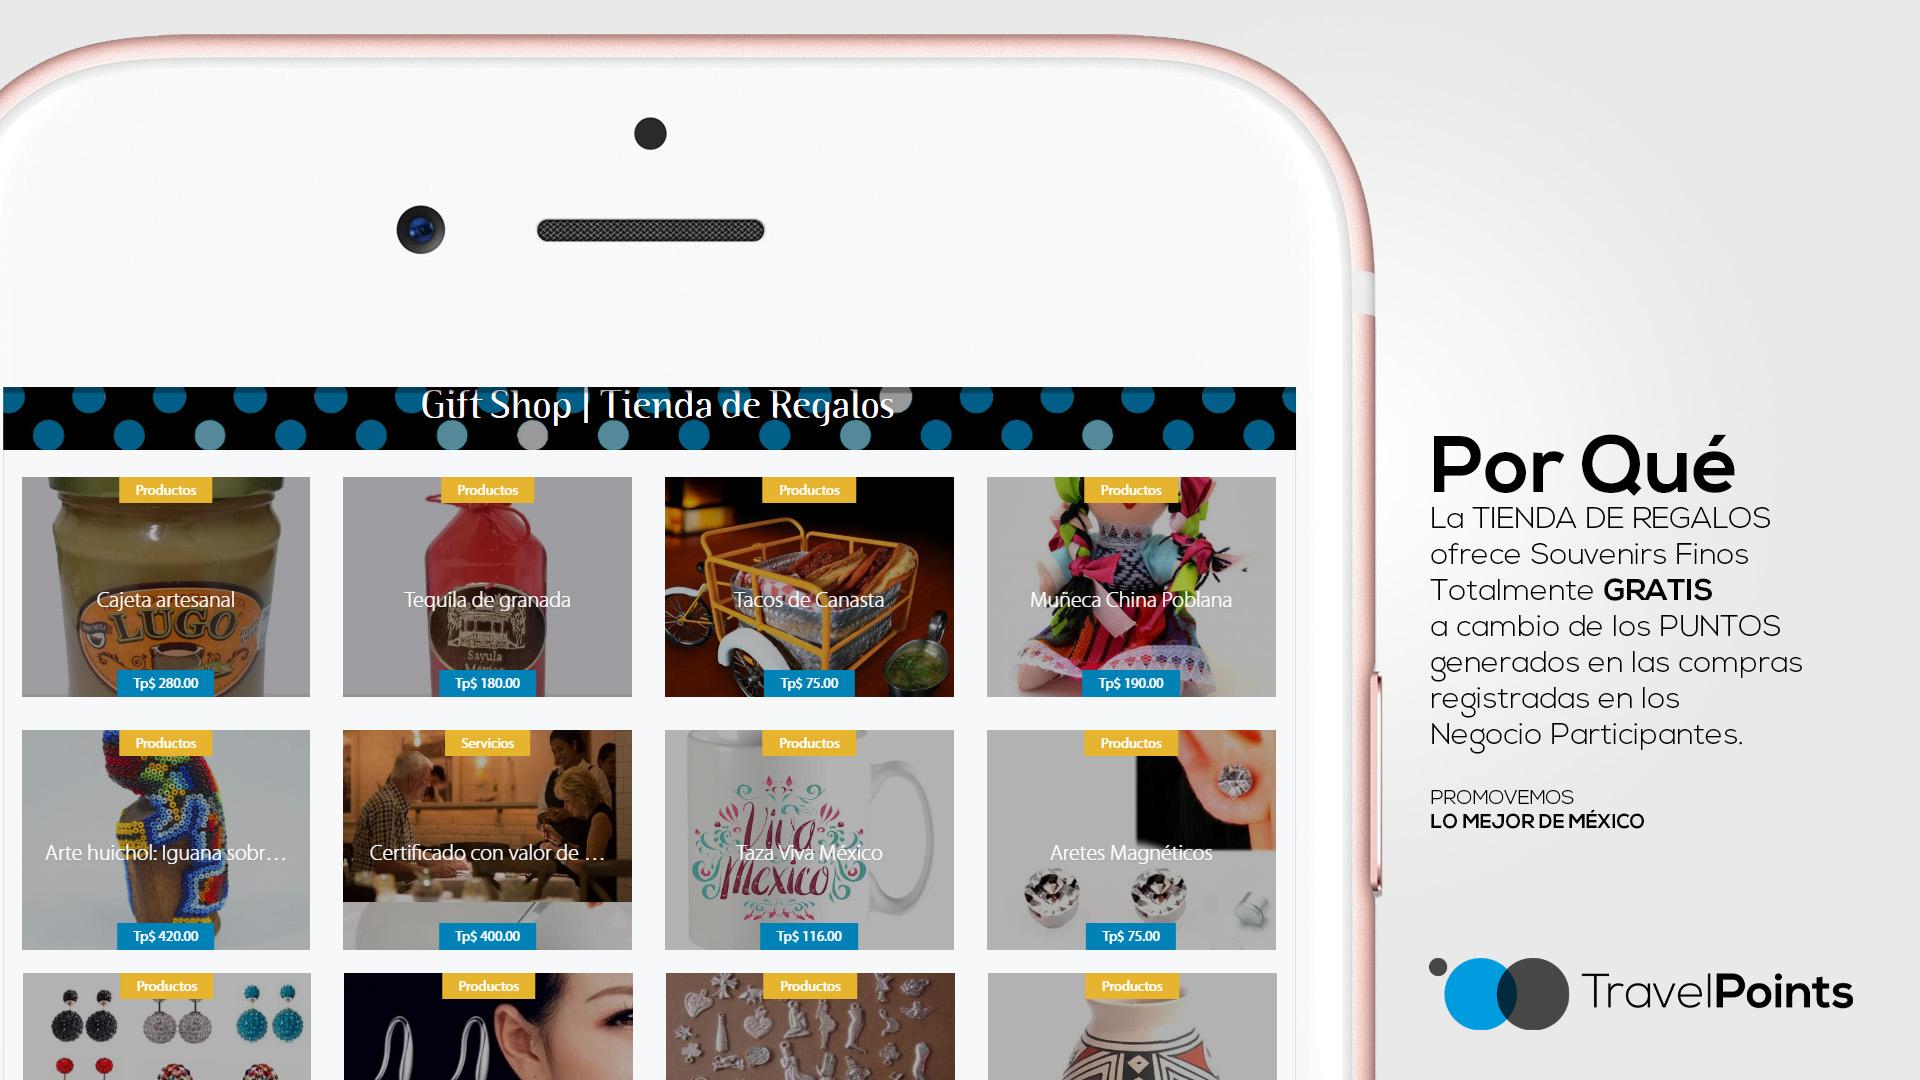 60 Travel Points diapositiva power point presentacion hotel para anunciantes POR QUÉ tienda de regalos